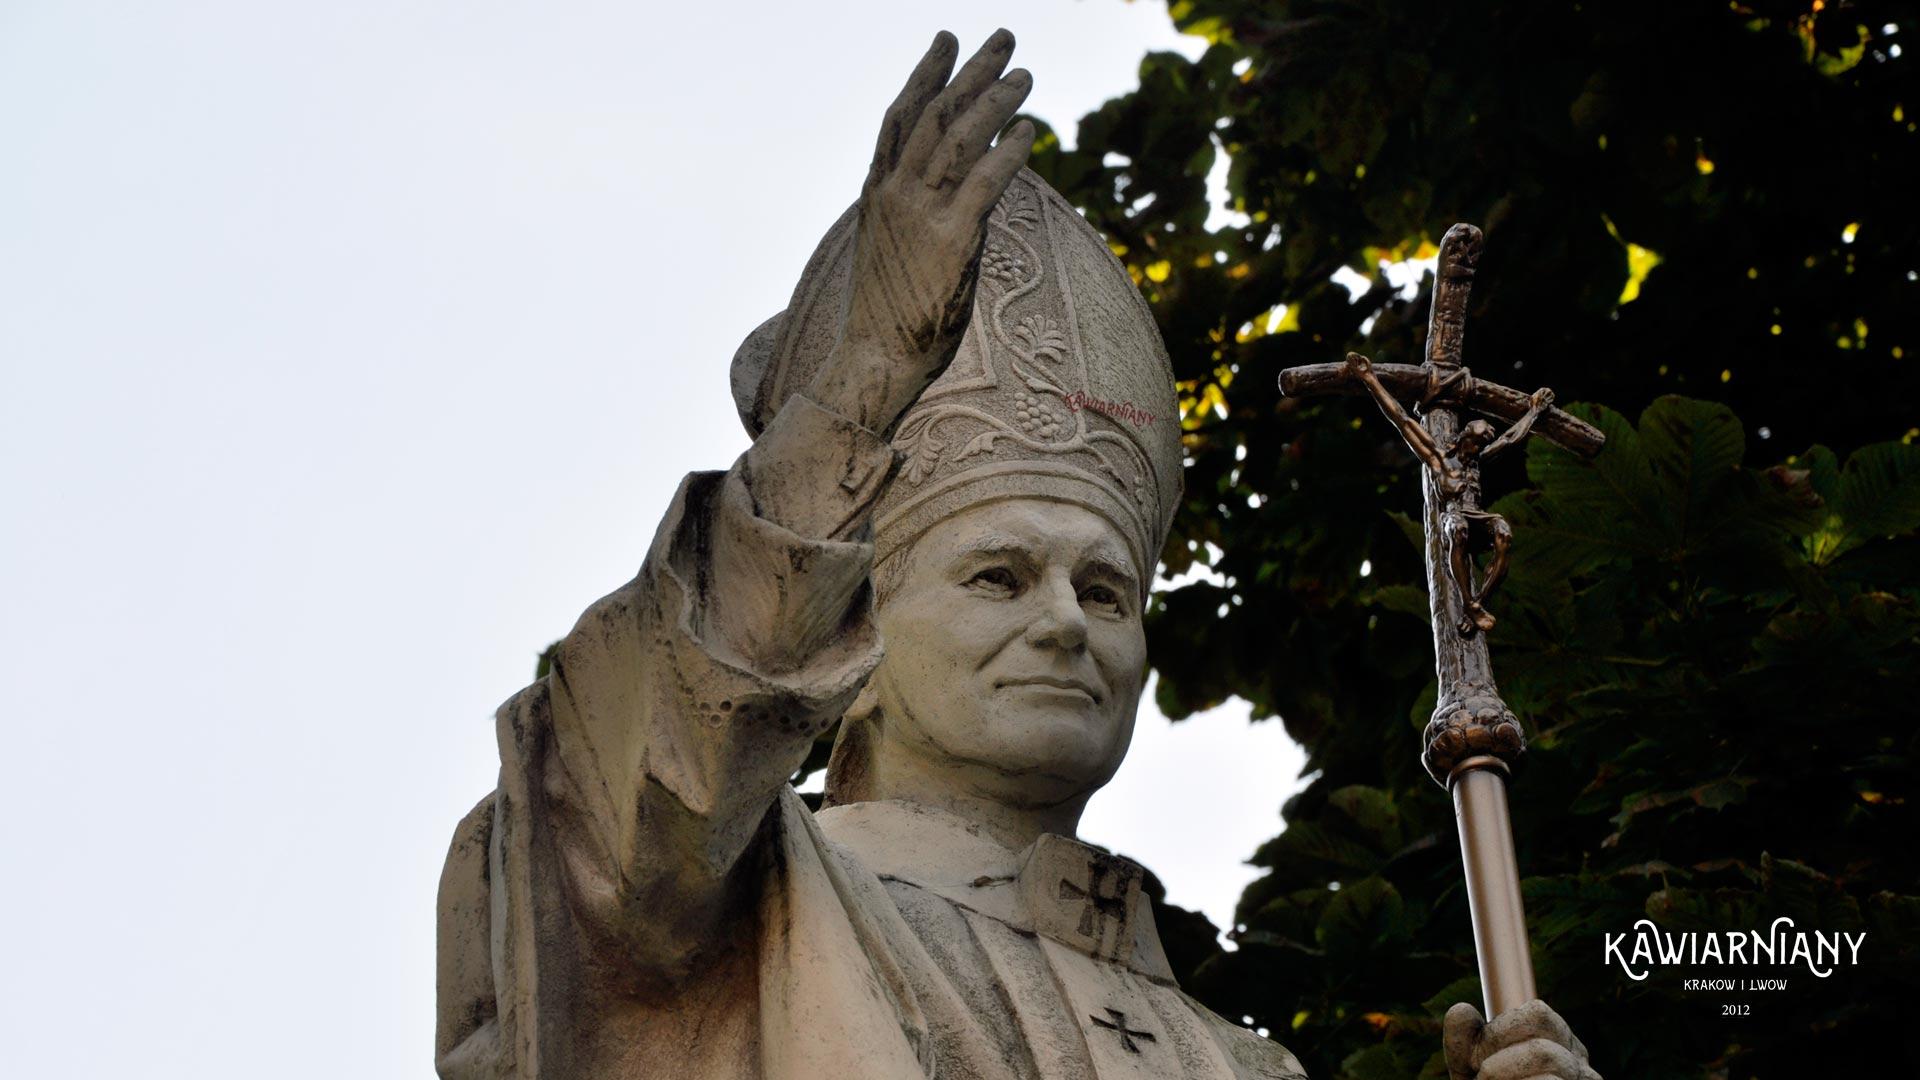 Truskawiec - Jan Paweł II